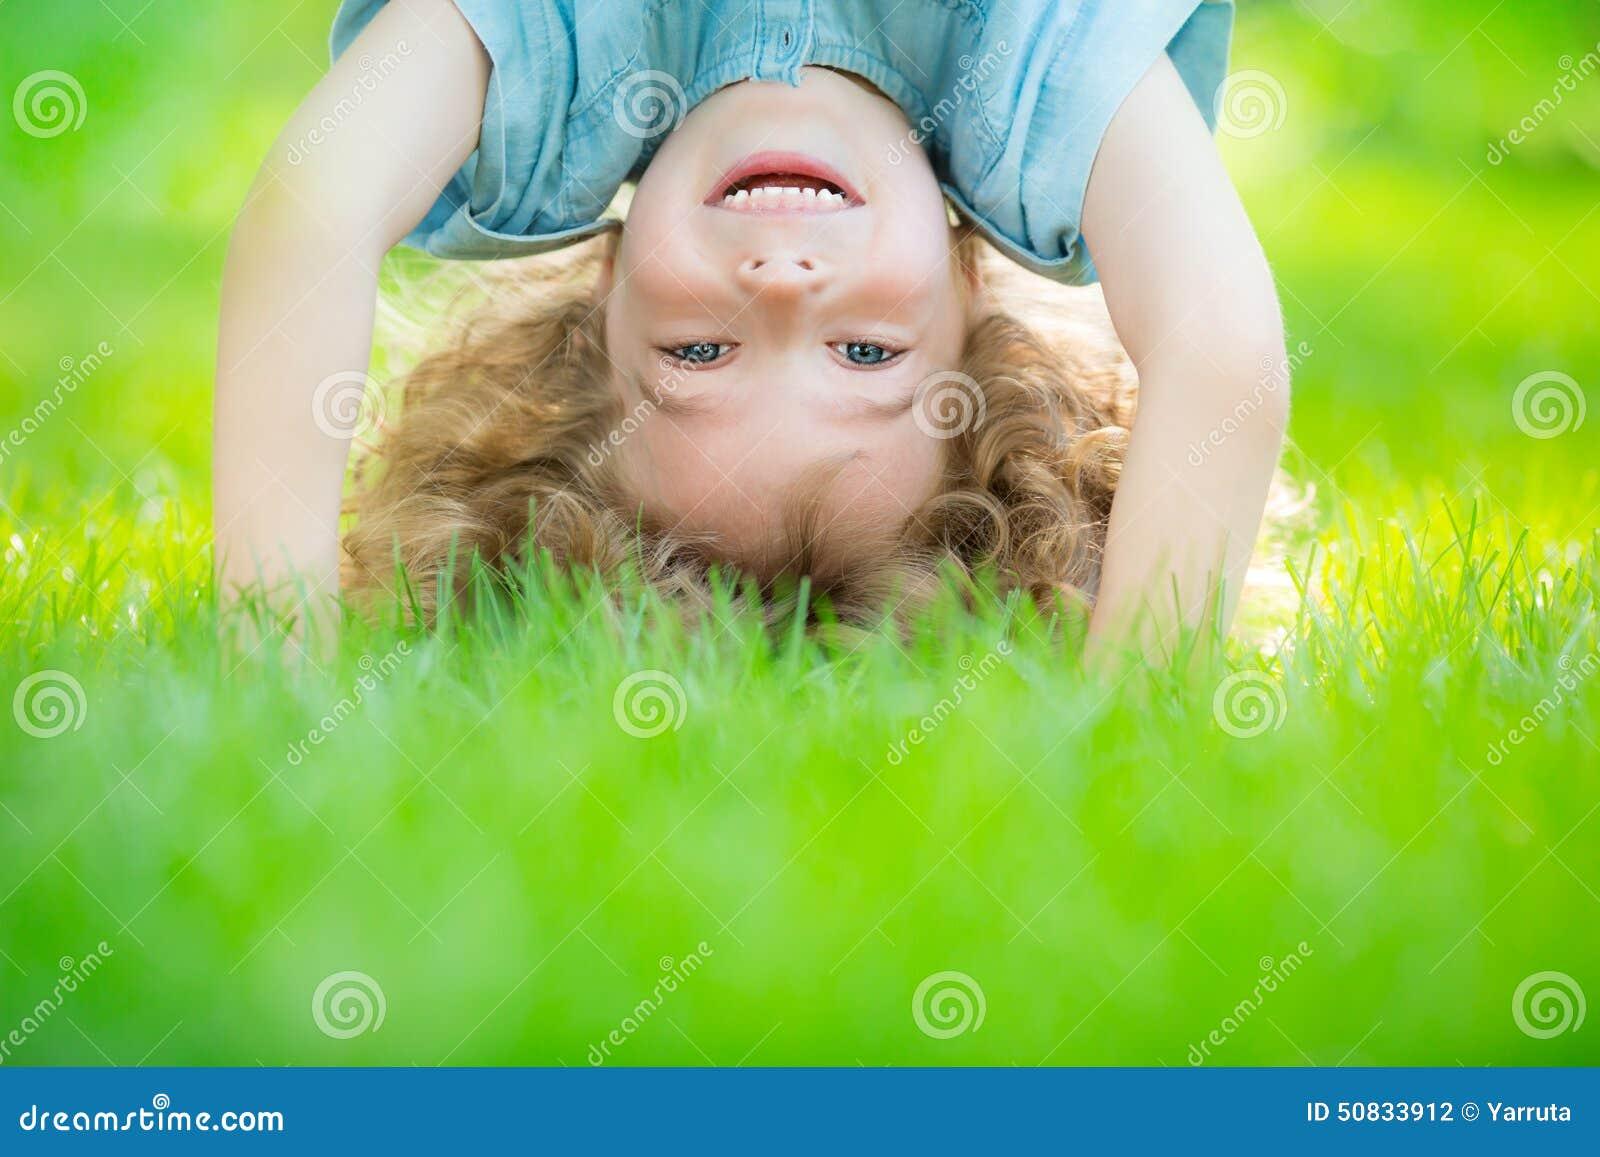 De bevindende bovenkant van het kind - neer